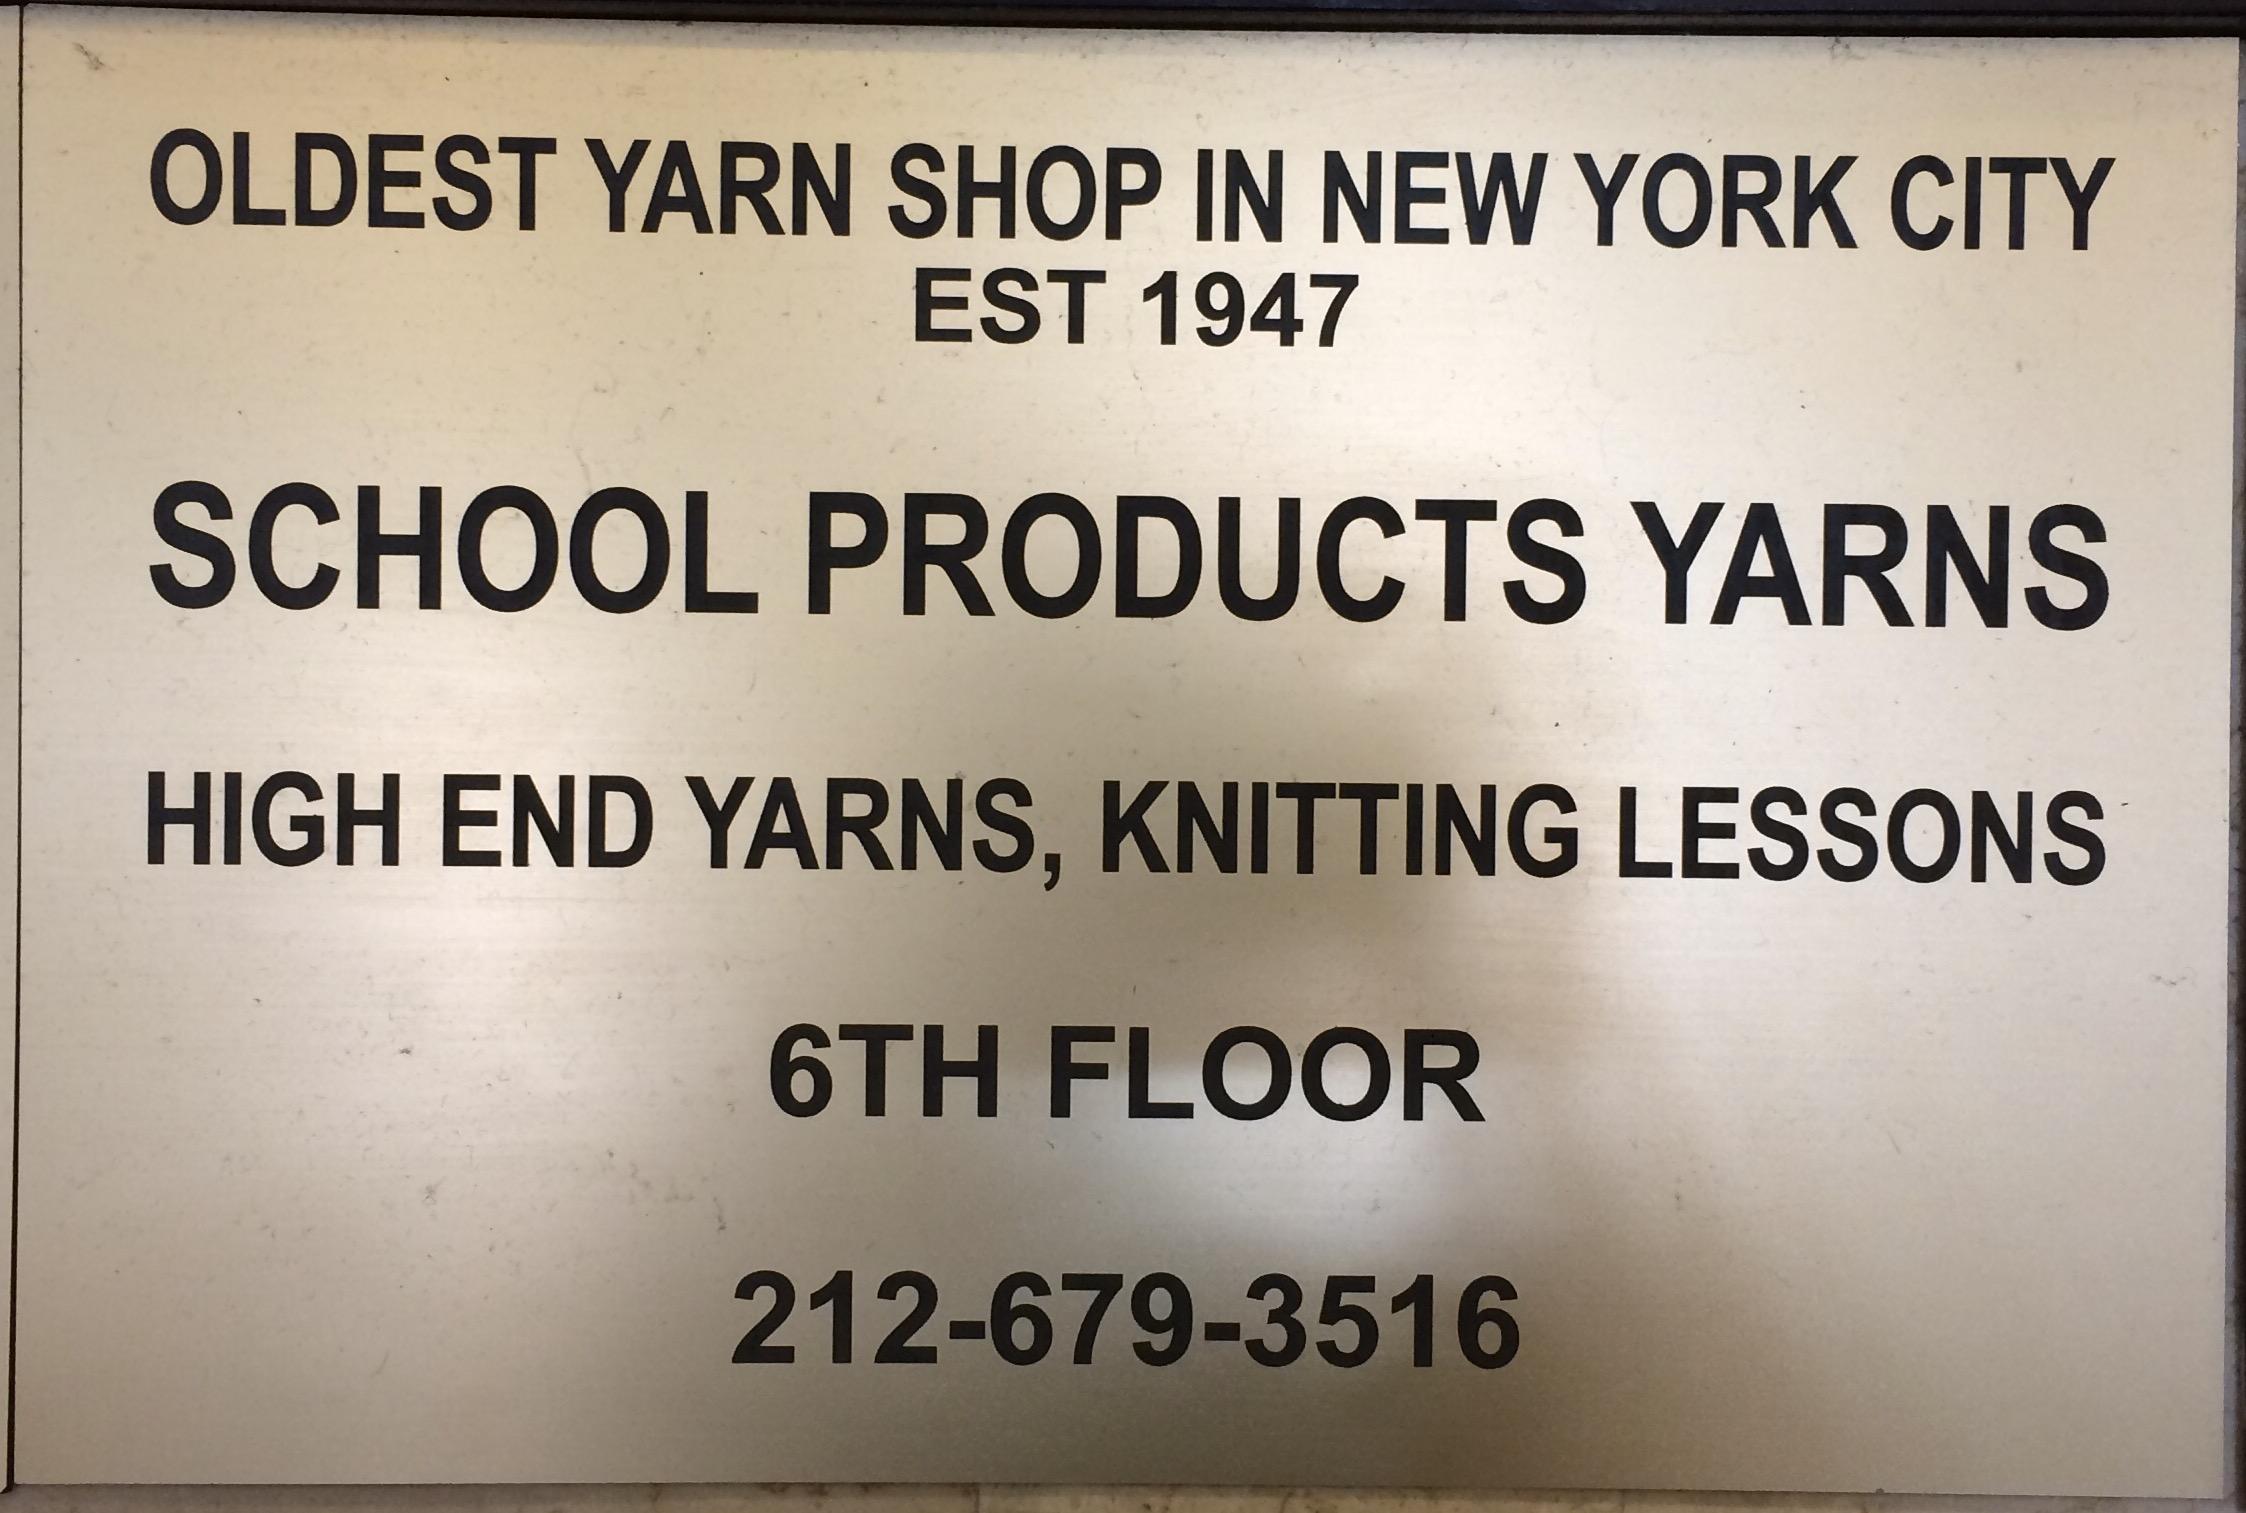 School Producrs Yarns